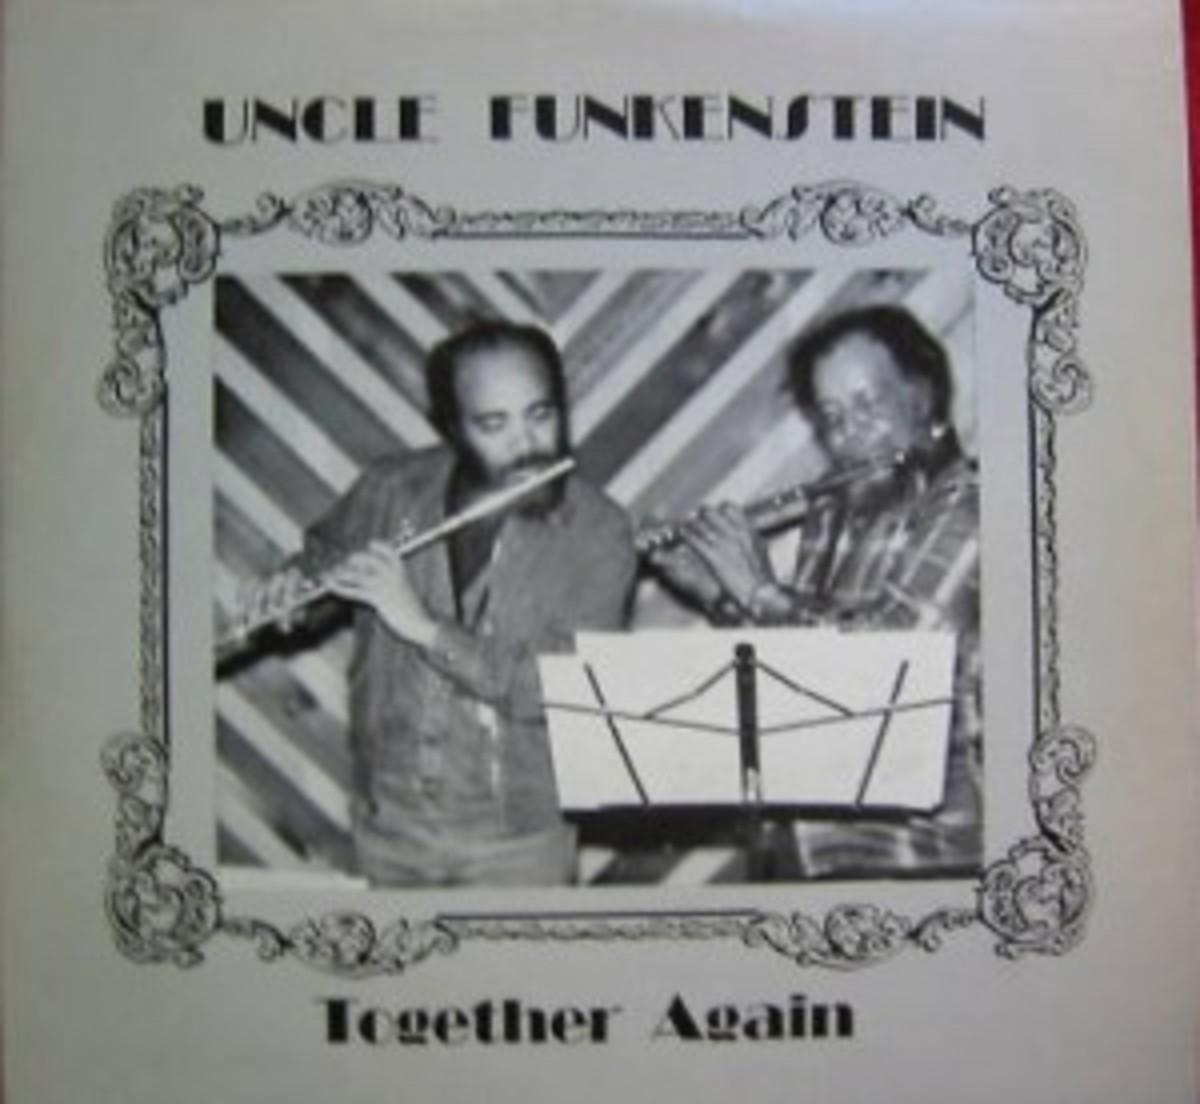 uncle_funkenstein